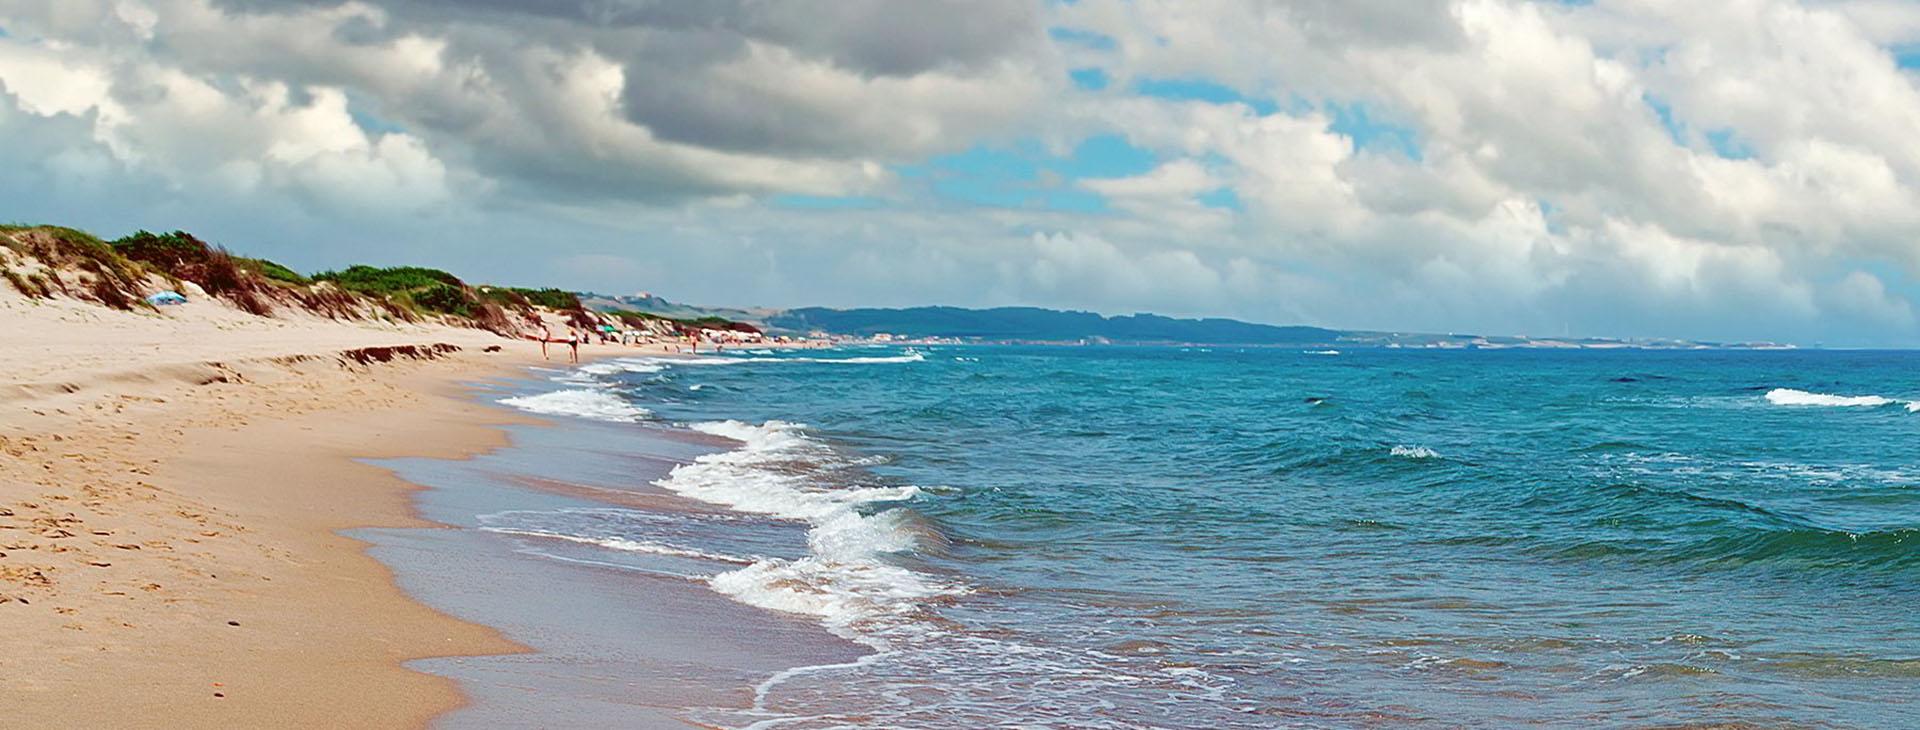 Beach of Platamonas, Pieria